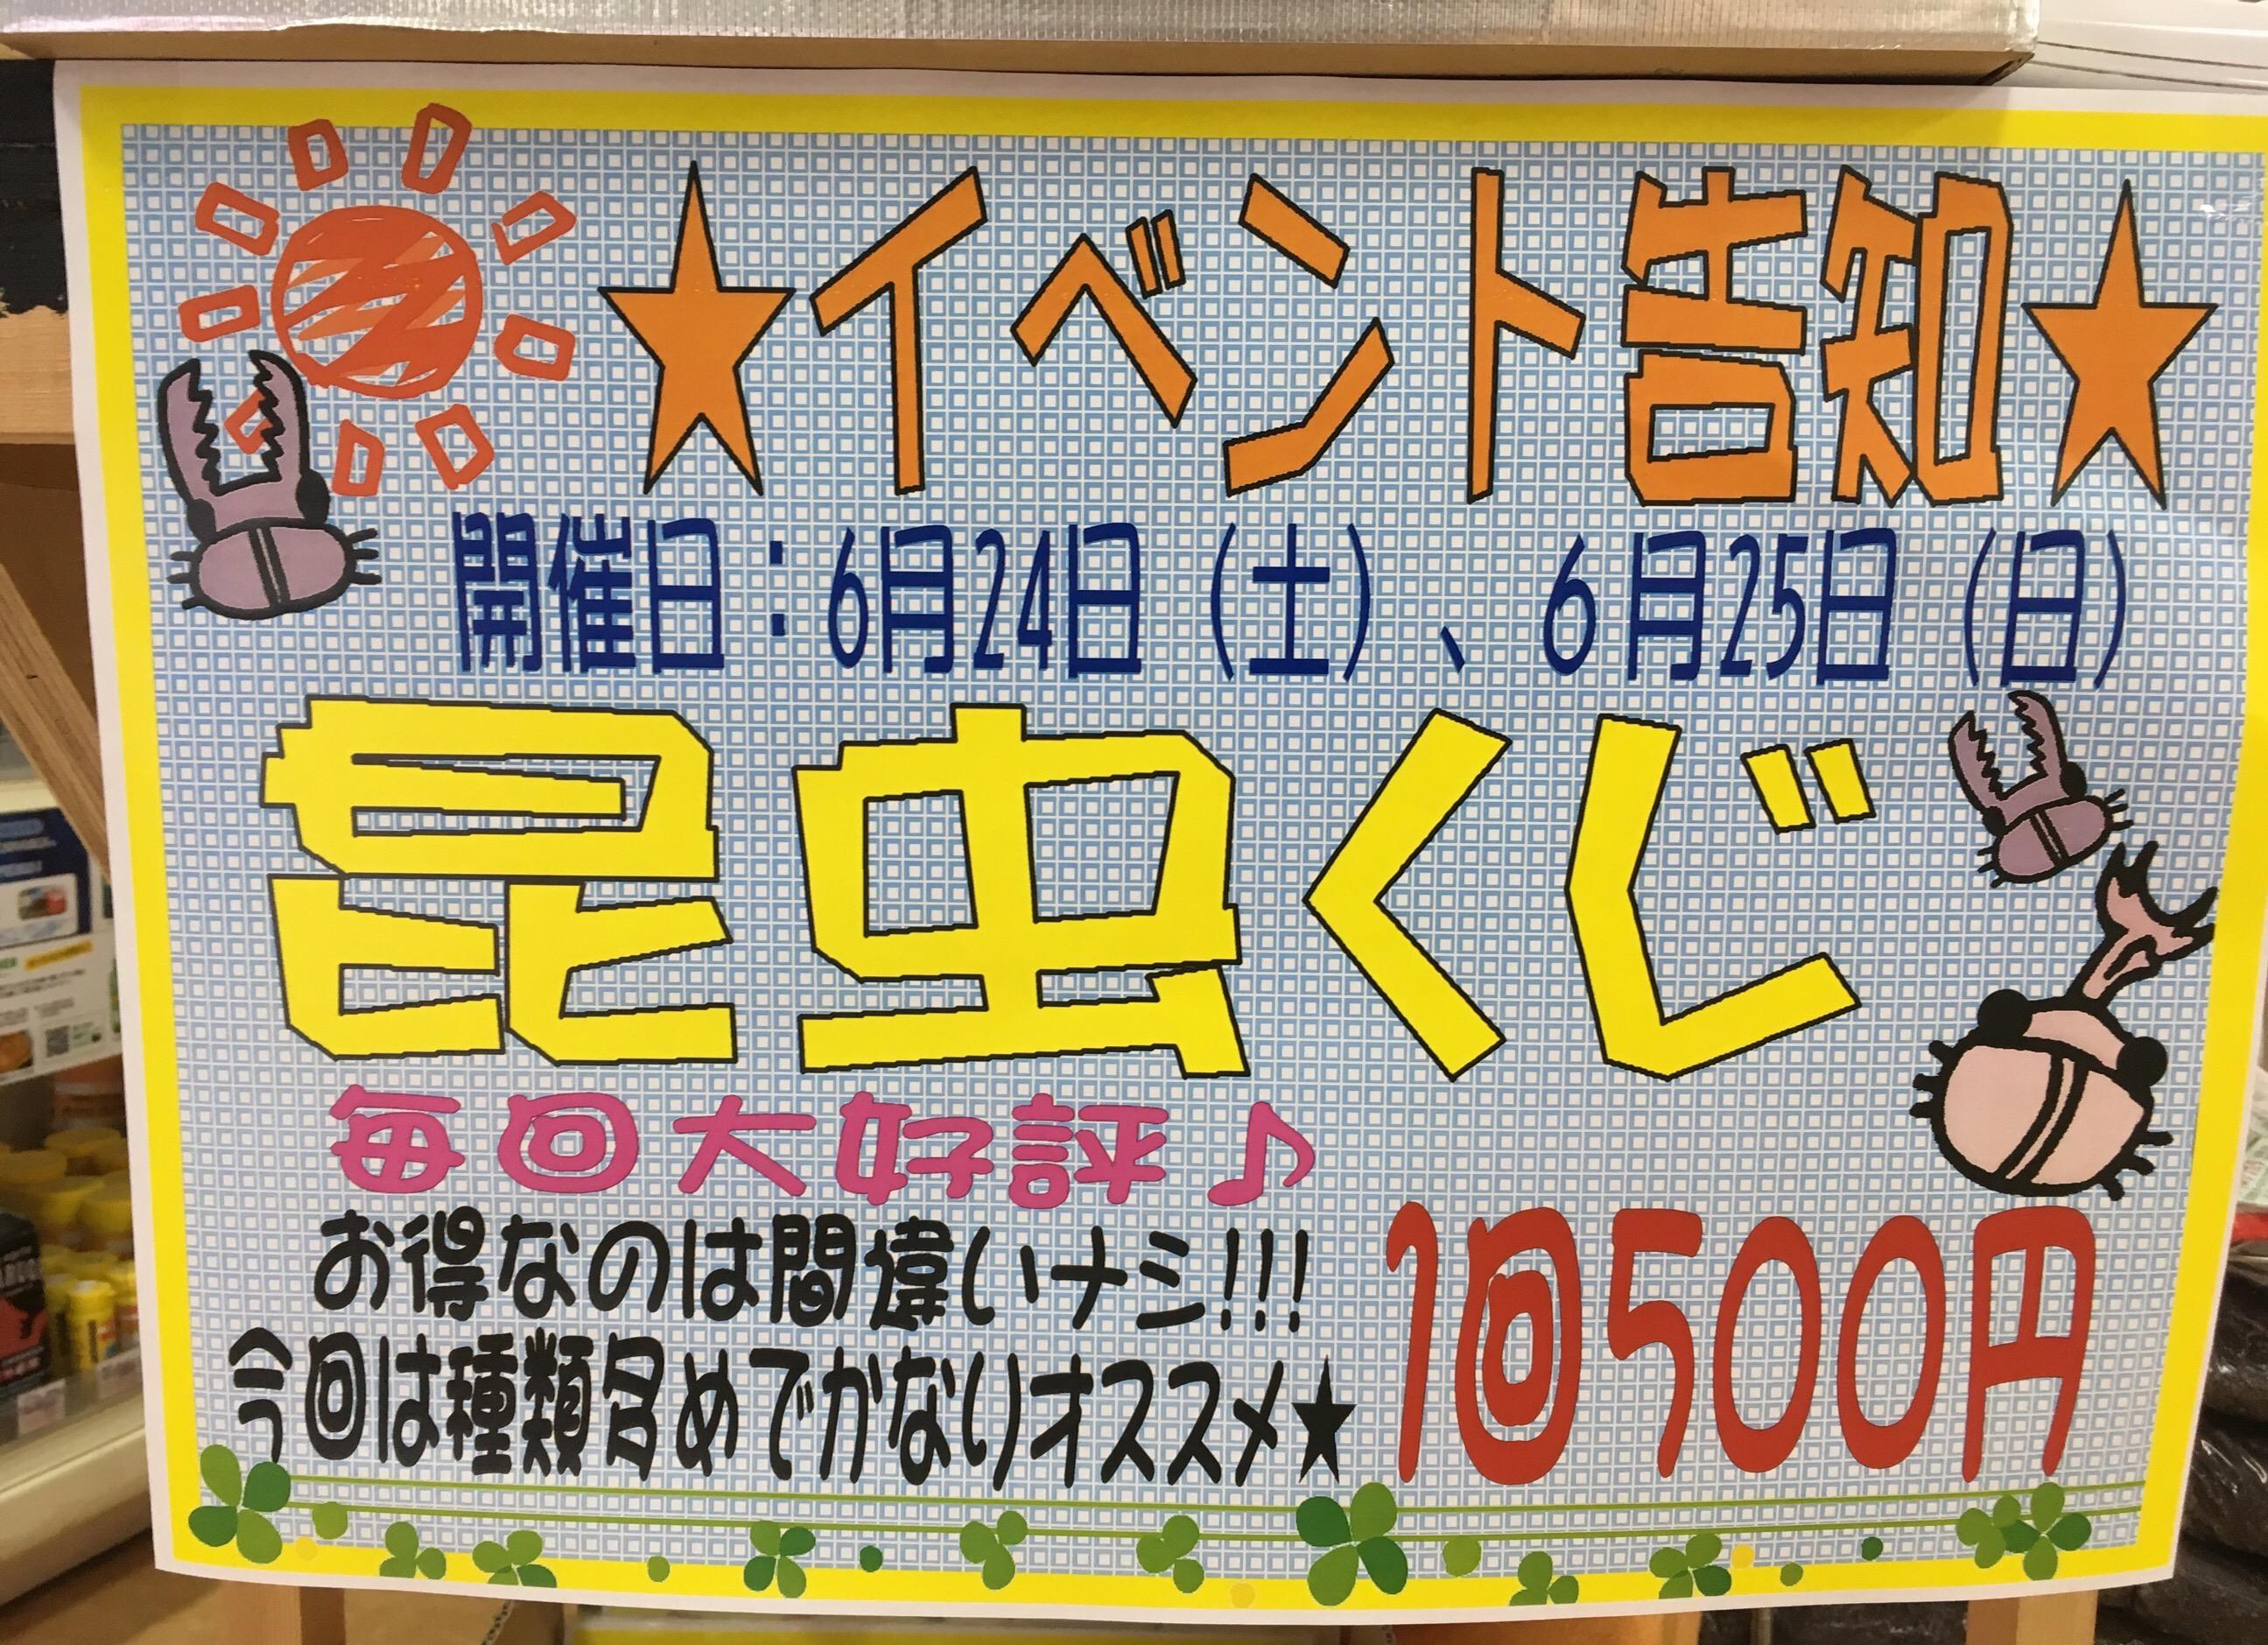 まさかの展開( ゚Д゚)昆虫クジ第6弾!!@インター小動物